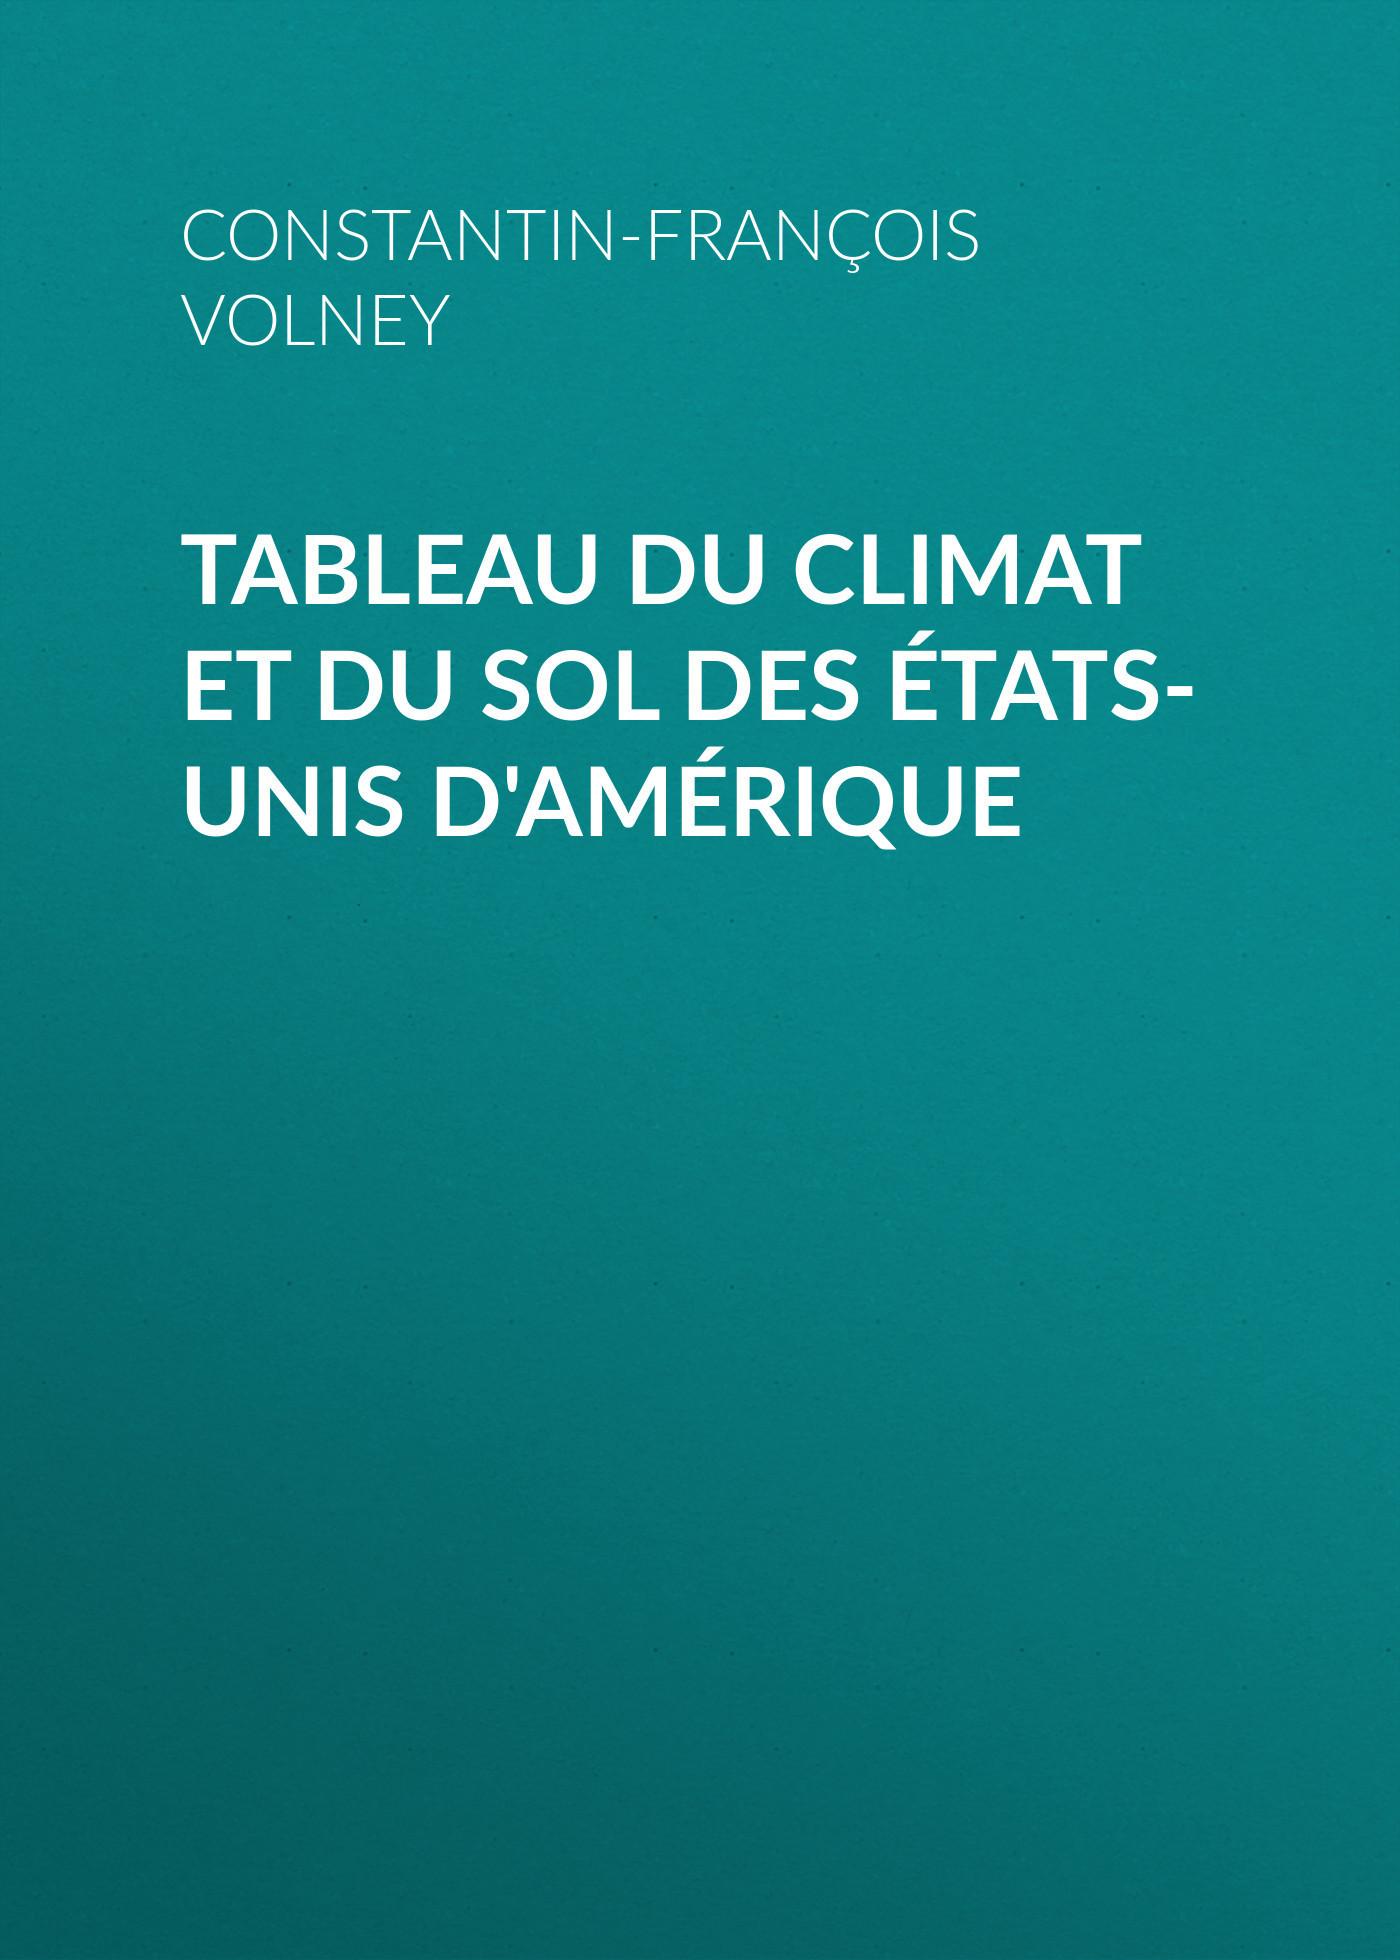 Constantin-François Volney Tableau du climat et du sol des États-Unis d'Amérique unis юнис высокоскоростной сканер